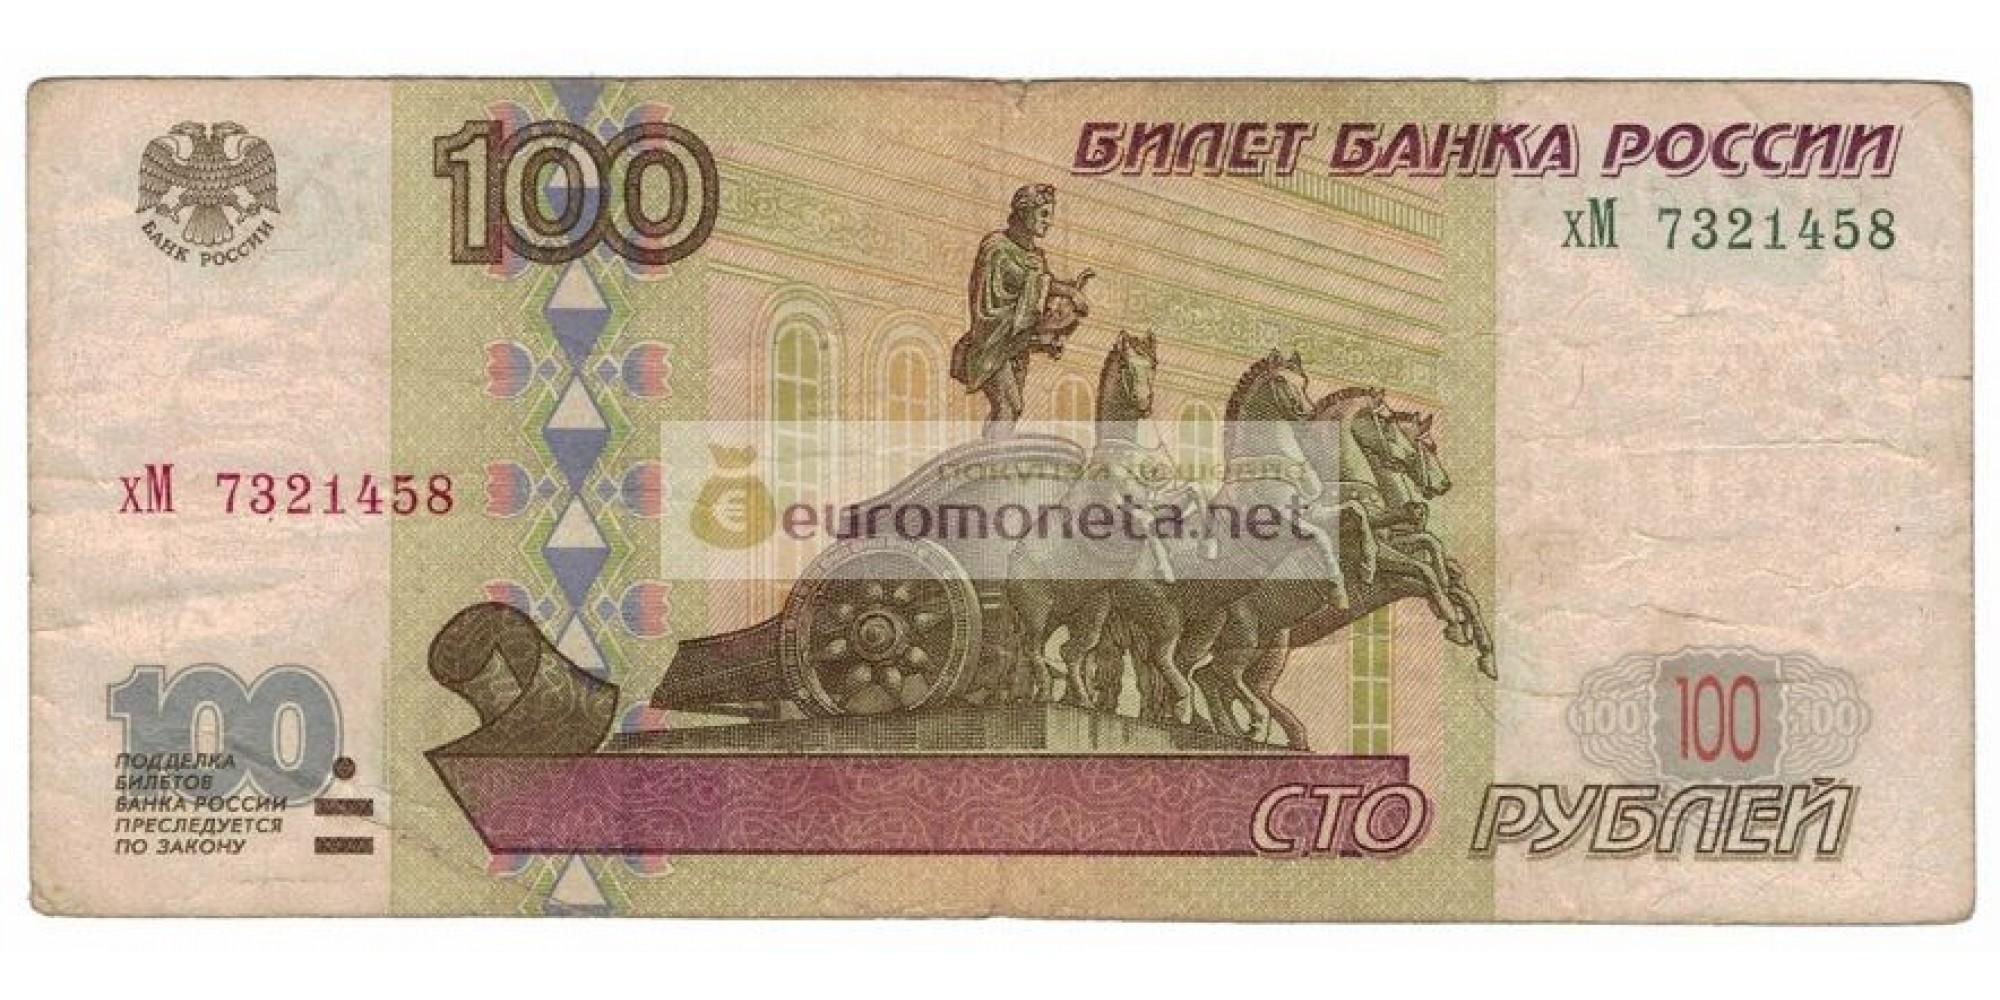 Россия 100 рублей 1997 год модификация 2001 год серия хМ 7321458